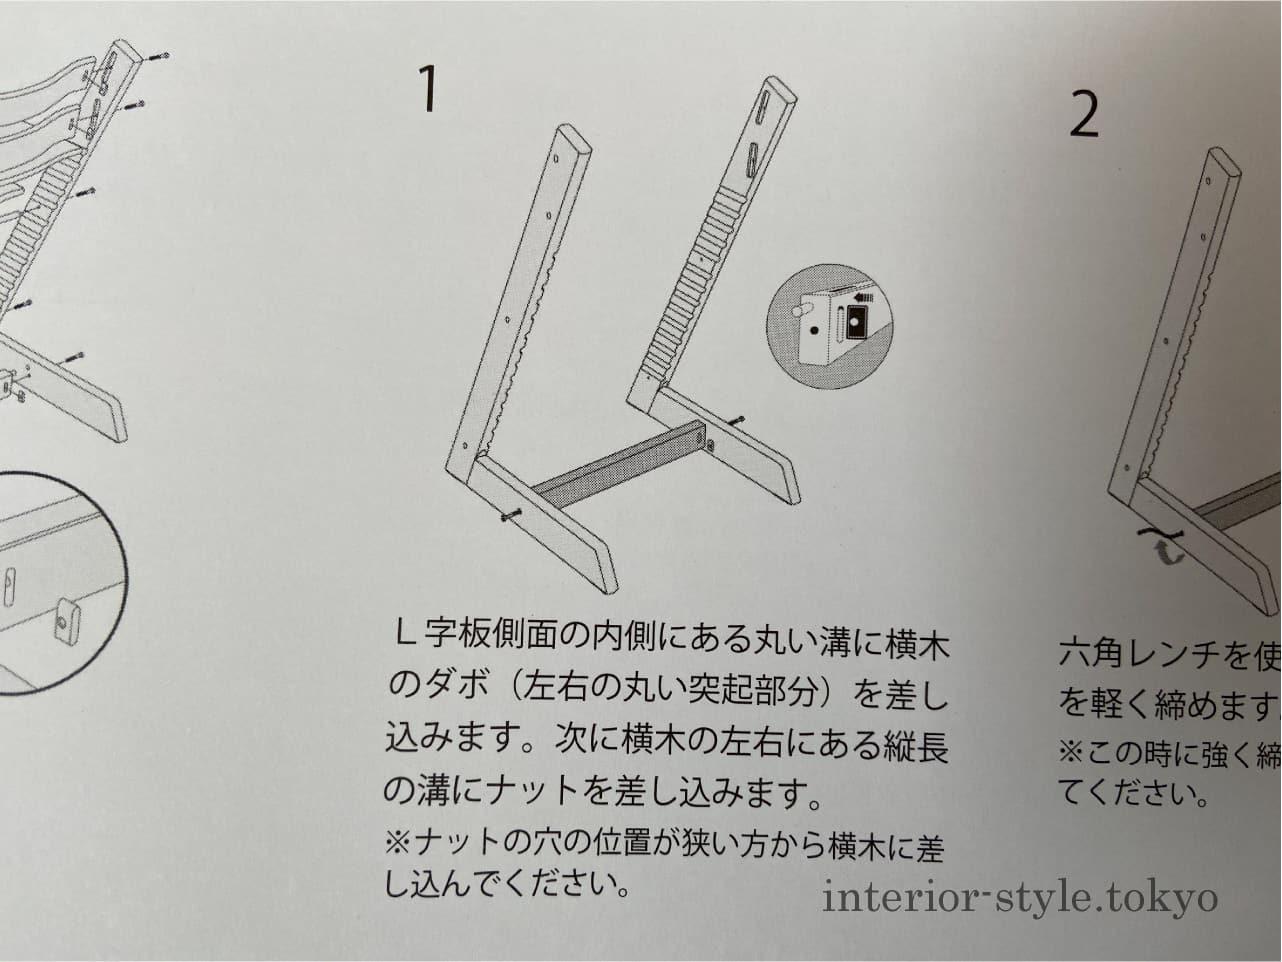 説明書の組立て手順1